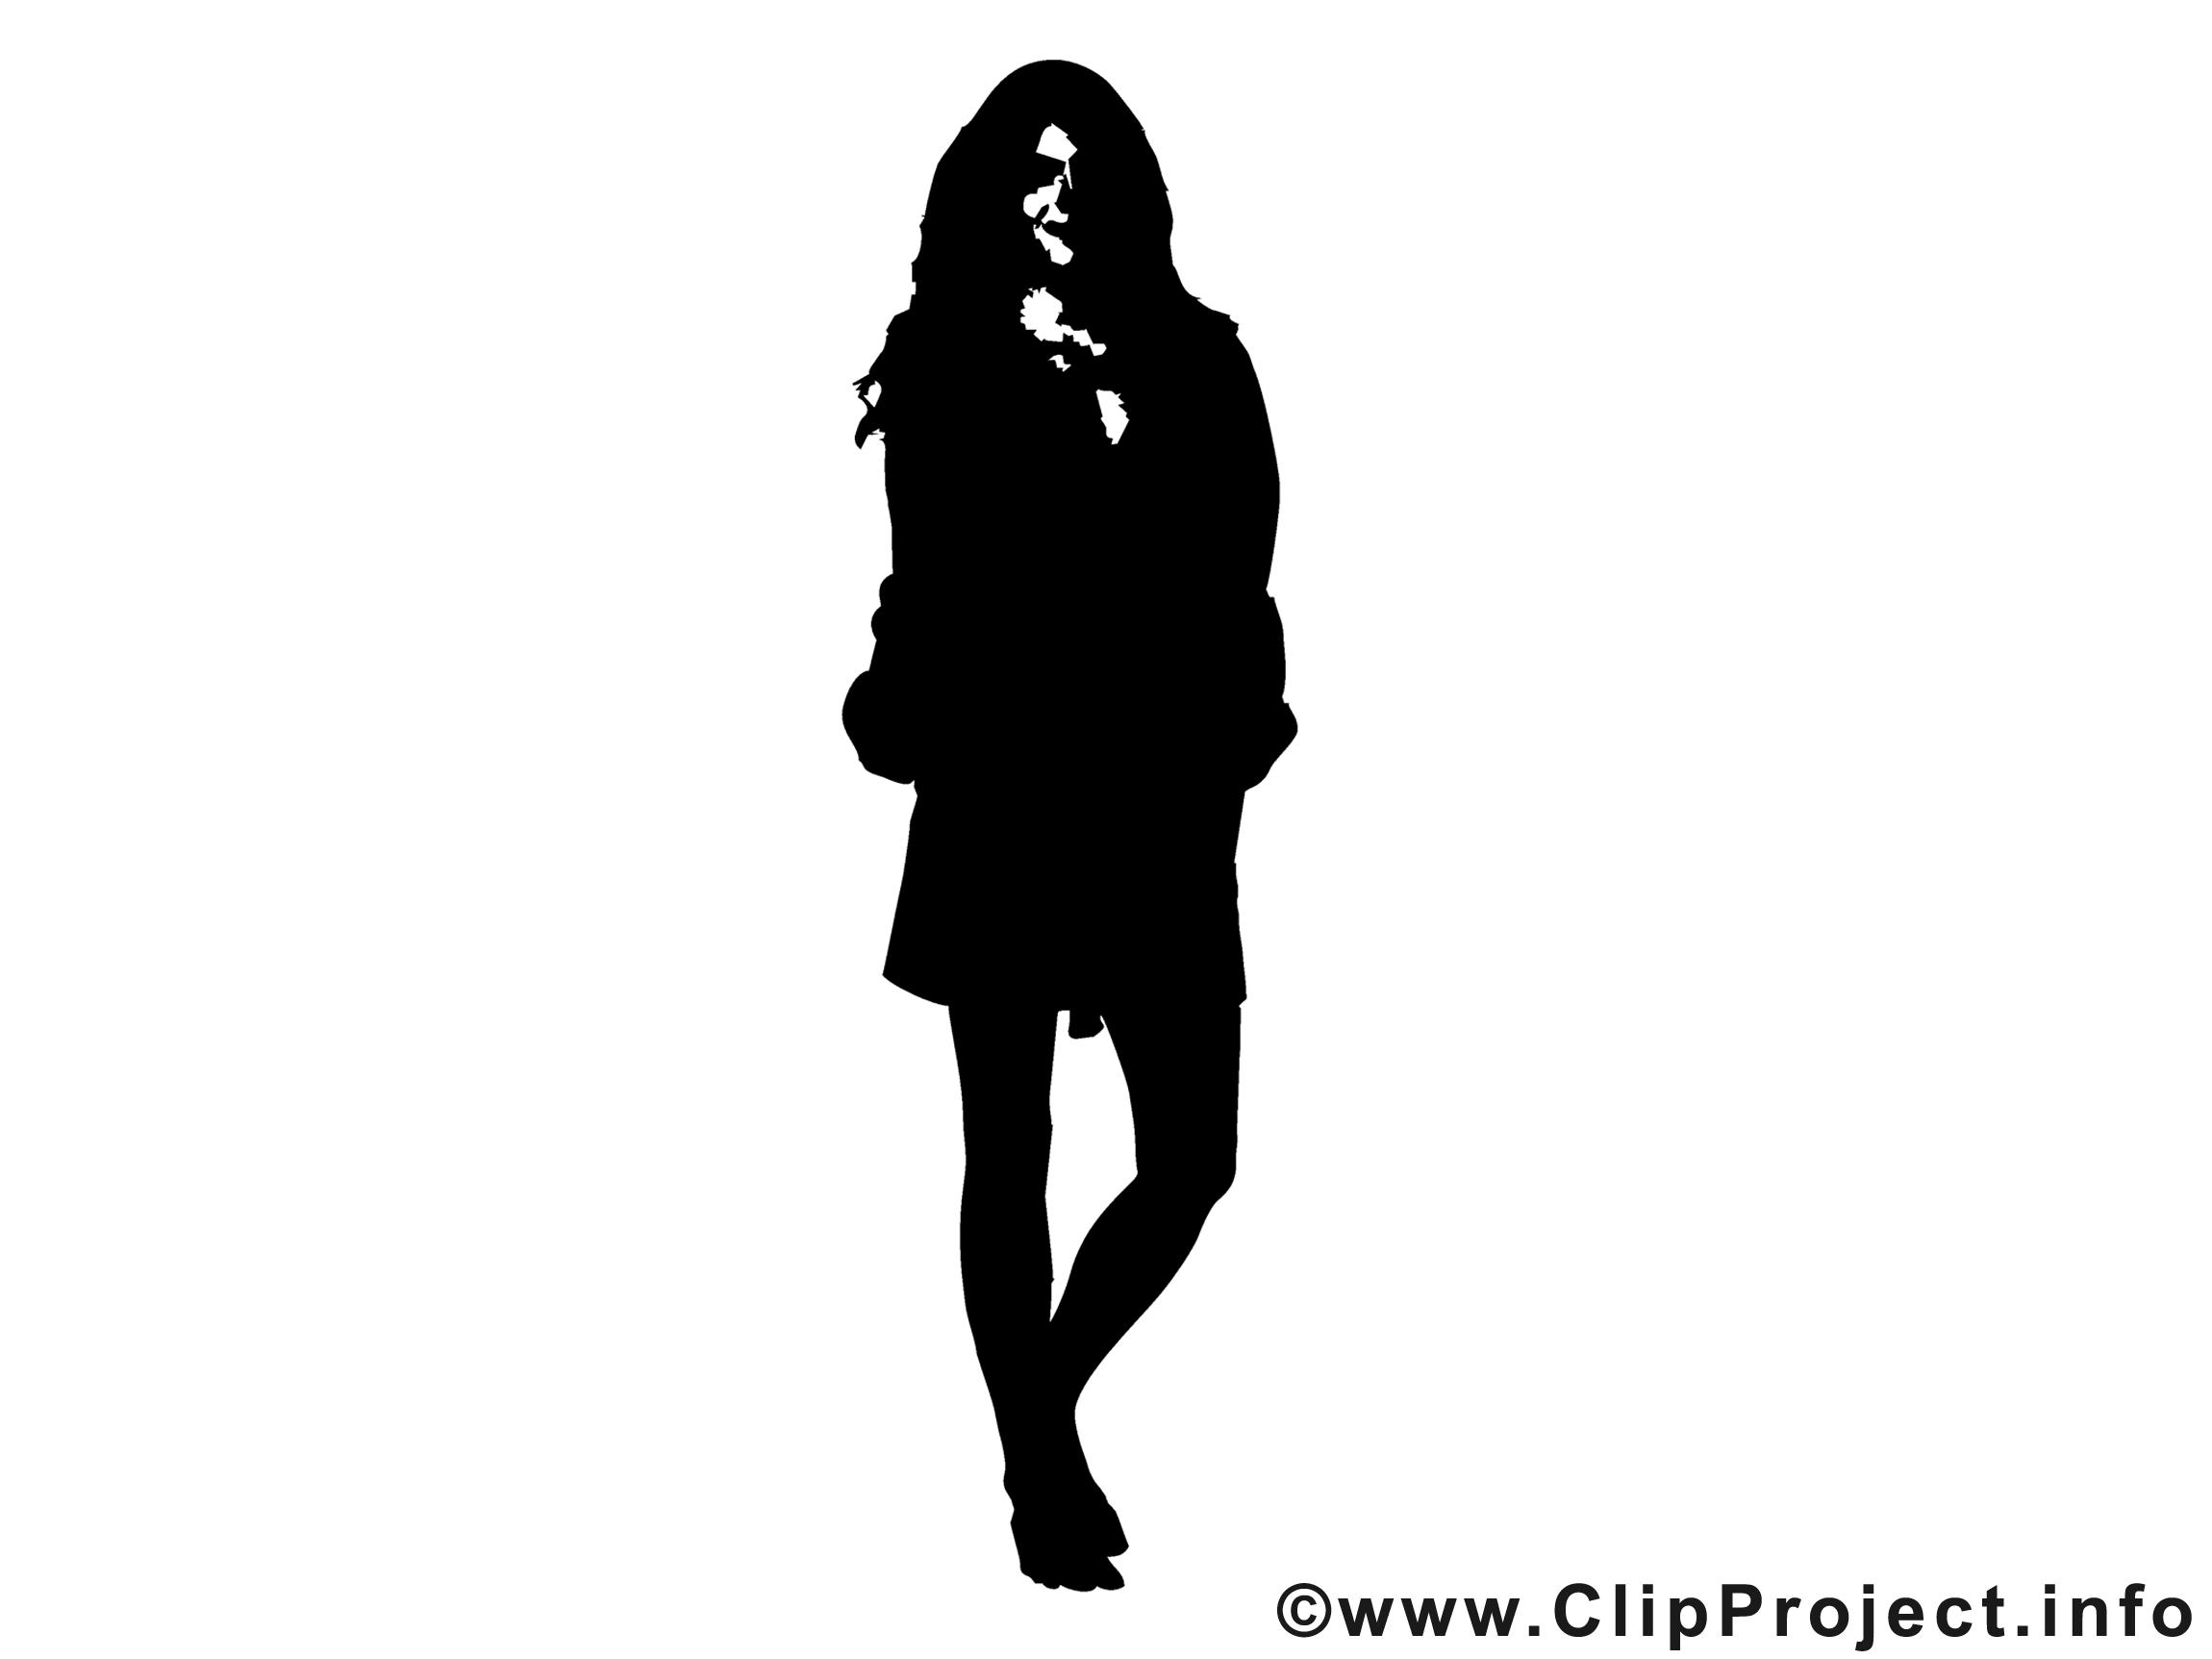 Frau im anzug clipart image freeuse Frauen clipart kostenlos - ClipartFest image freeuse